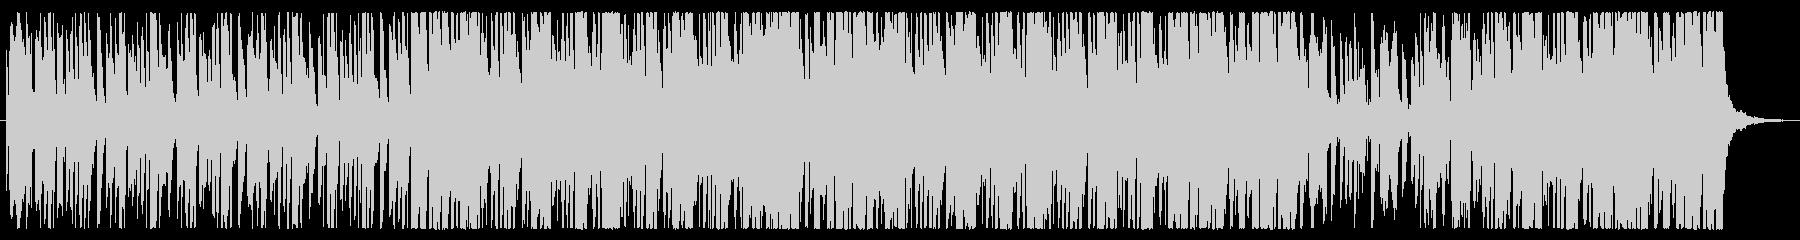 ラテン ジャズ アクティブ 明るい...の未再生の波形